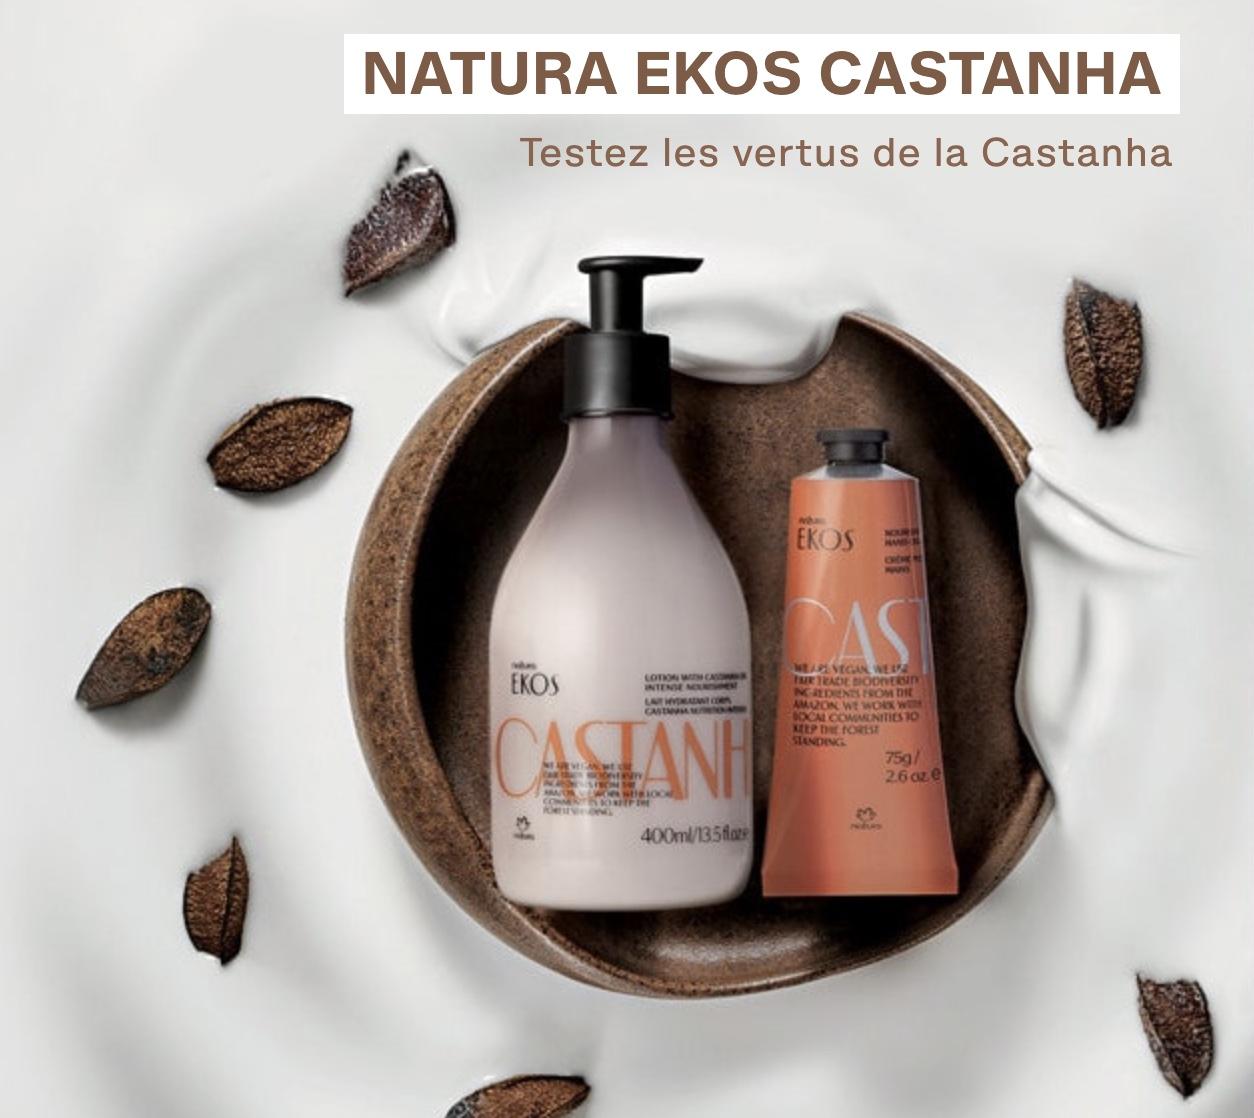 Code promo Natura Brasil : Des échantillons de crème mains et de lait corps à la Castanha à tester gratuitement